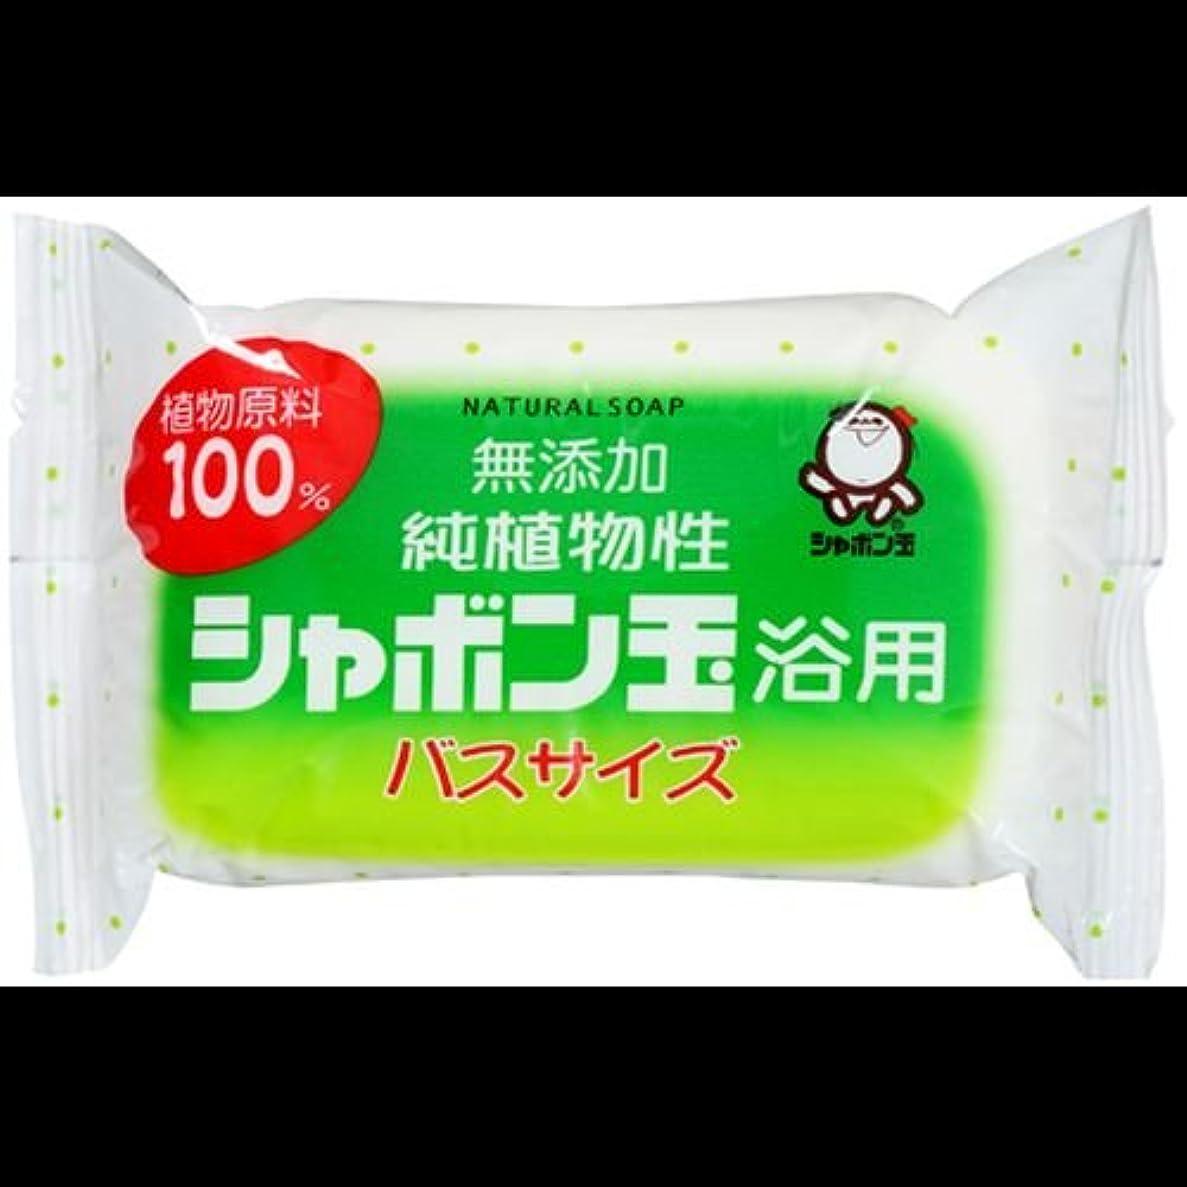 提出するする必要がある火山学【まとめ買い】純植物性シャボン玉 浴用 バスサイズ155g ×2セット